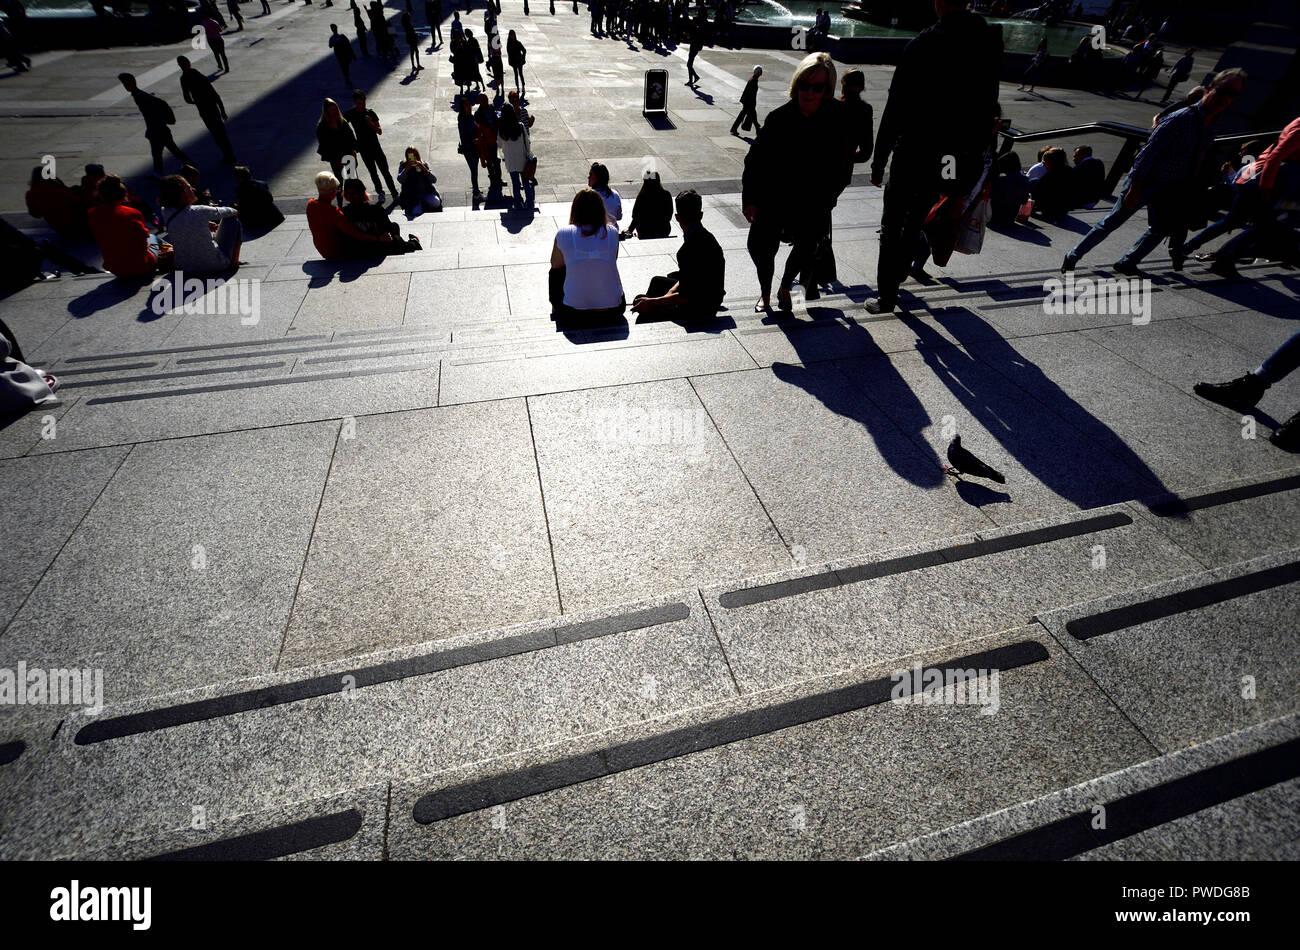 Les gens assis à Trafalgar Square, Londres, Angleterre, Royaume-Uni. Éclairé par led Banque D'Images